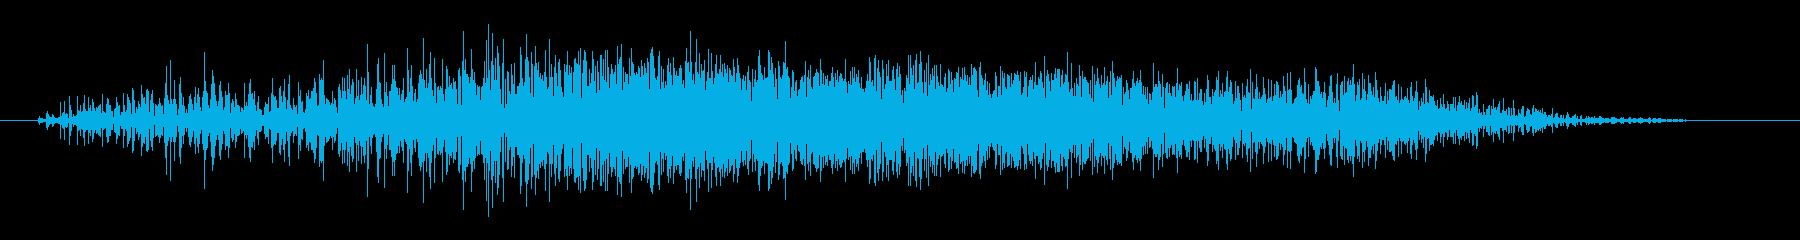 短繊維断裂;ヴィンテージ録音;布地...の再生済みの波形